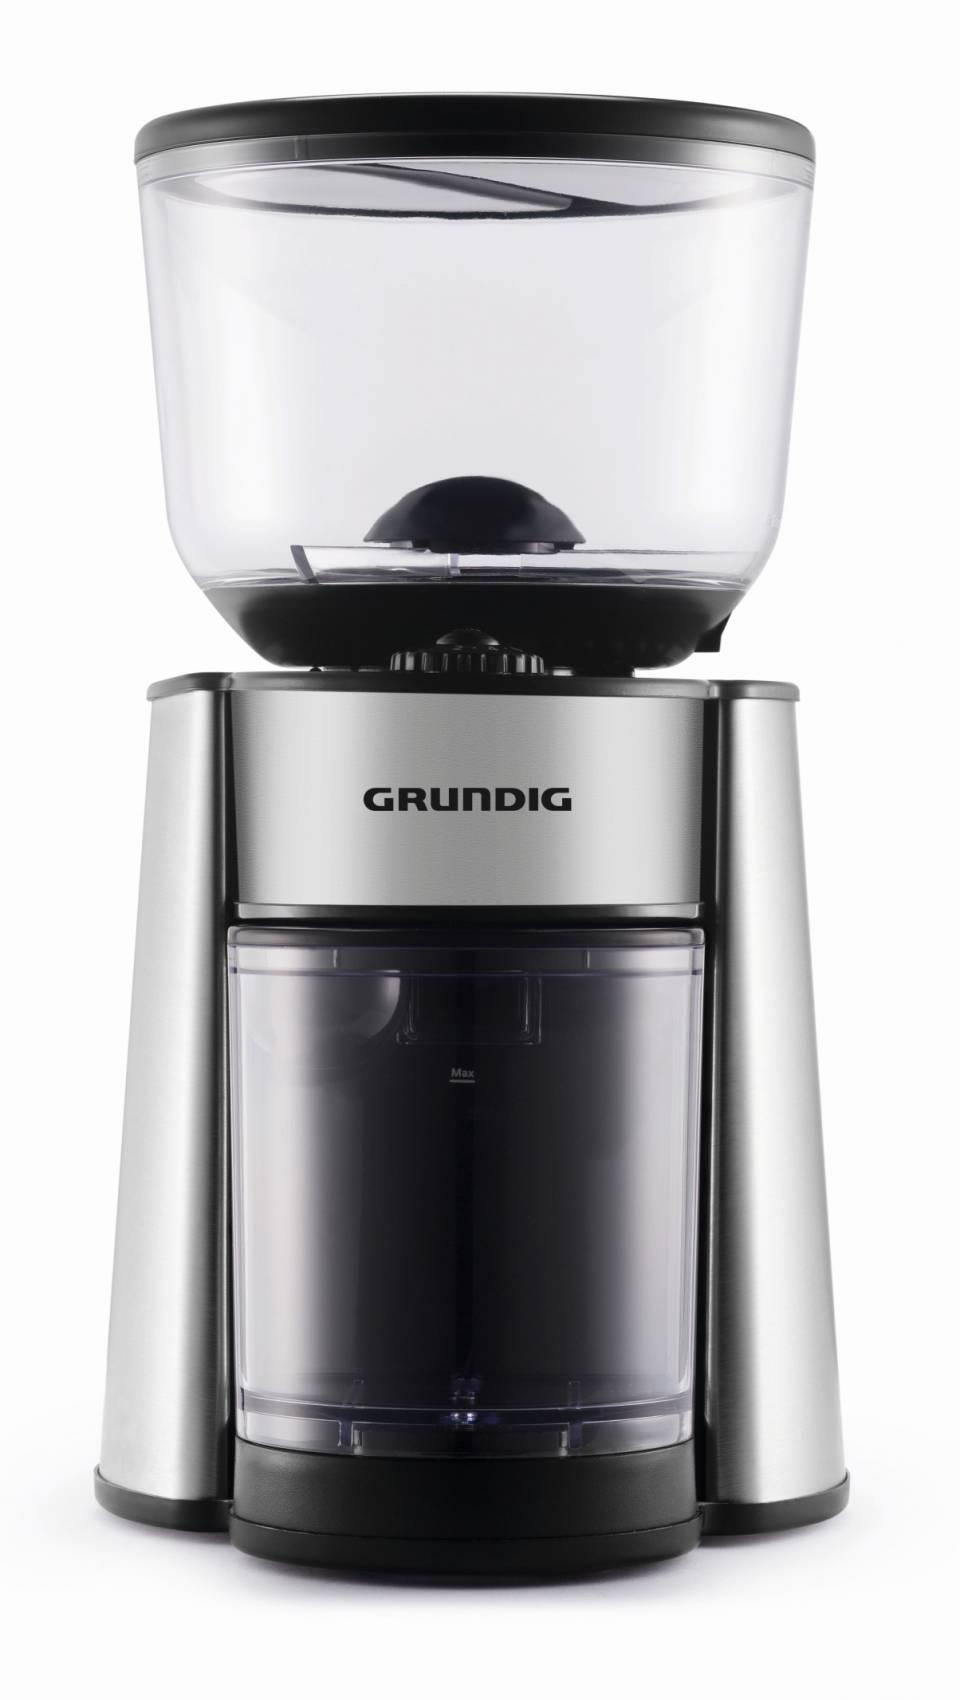 Grundig Kaffeemühle CM 6760 mit Scheibenmahlwerk.